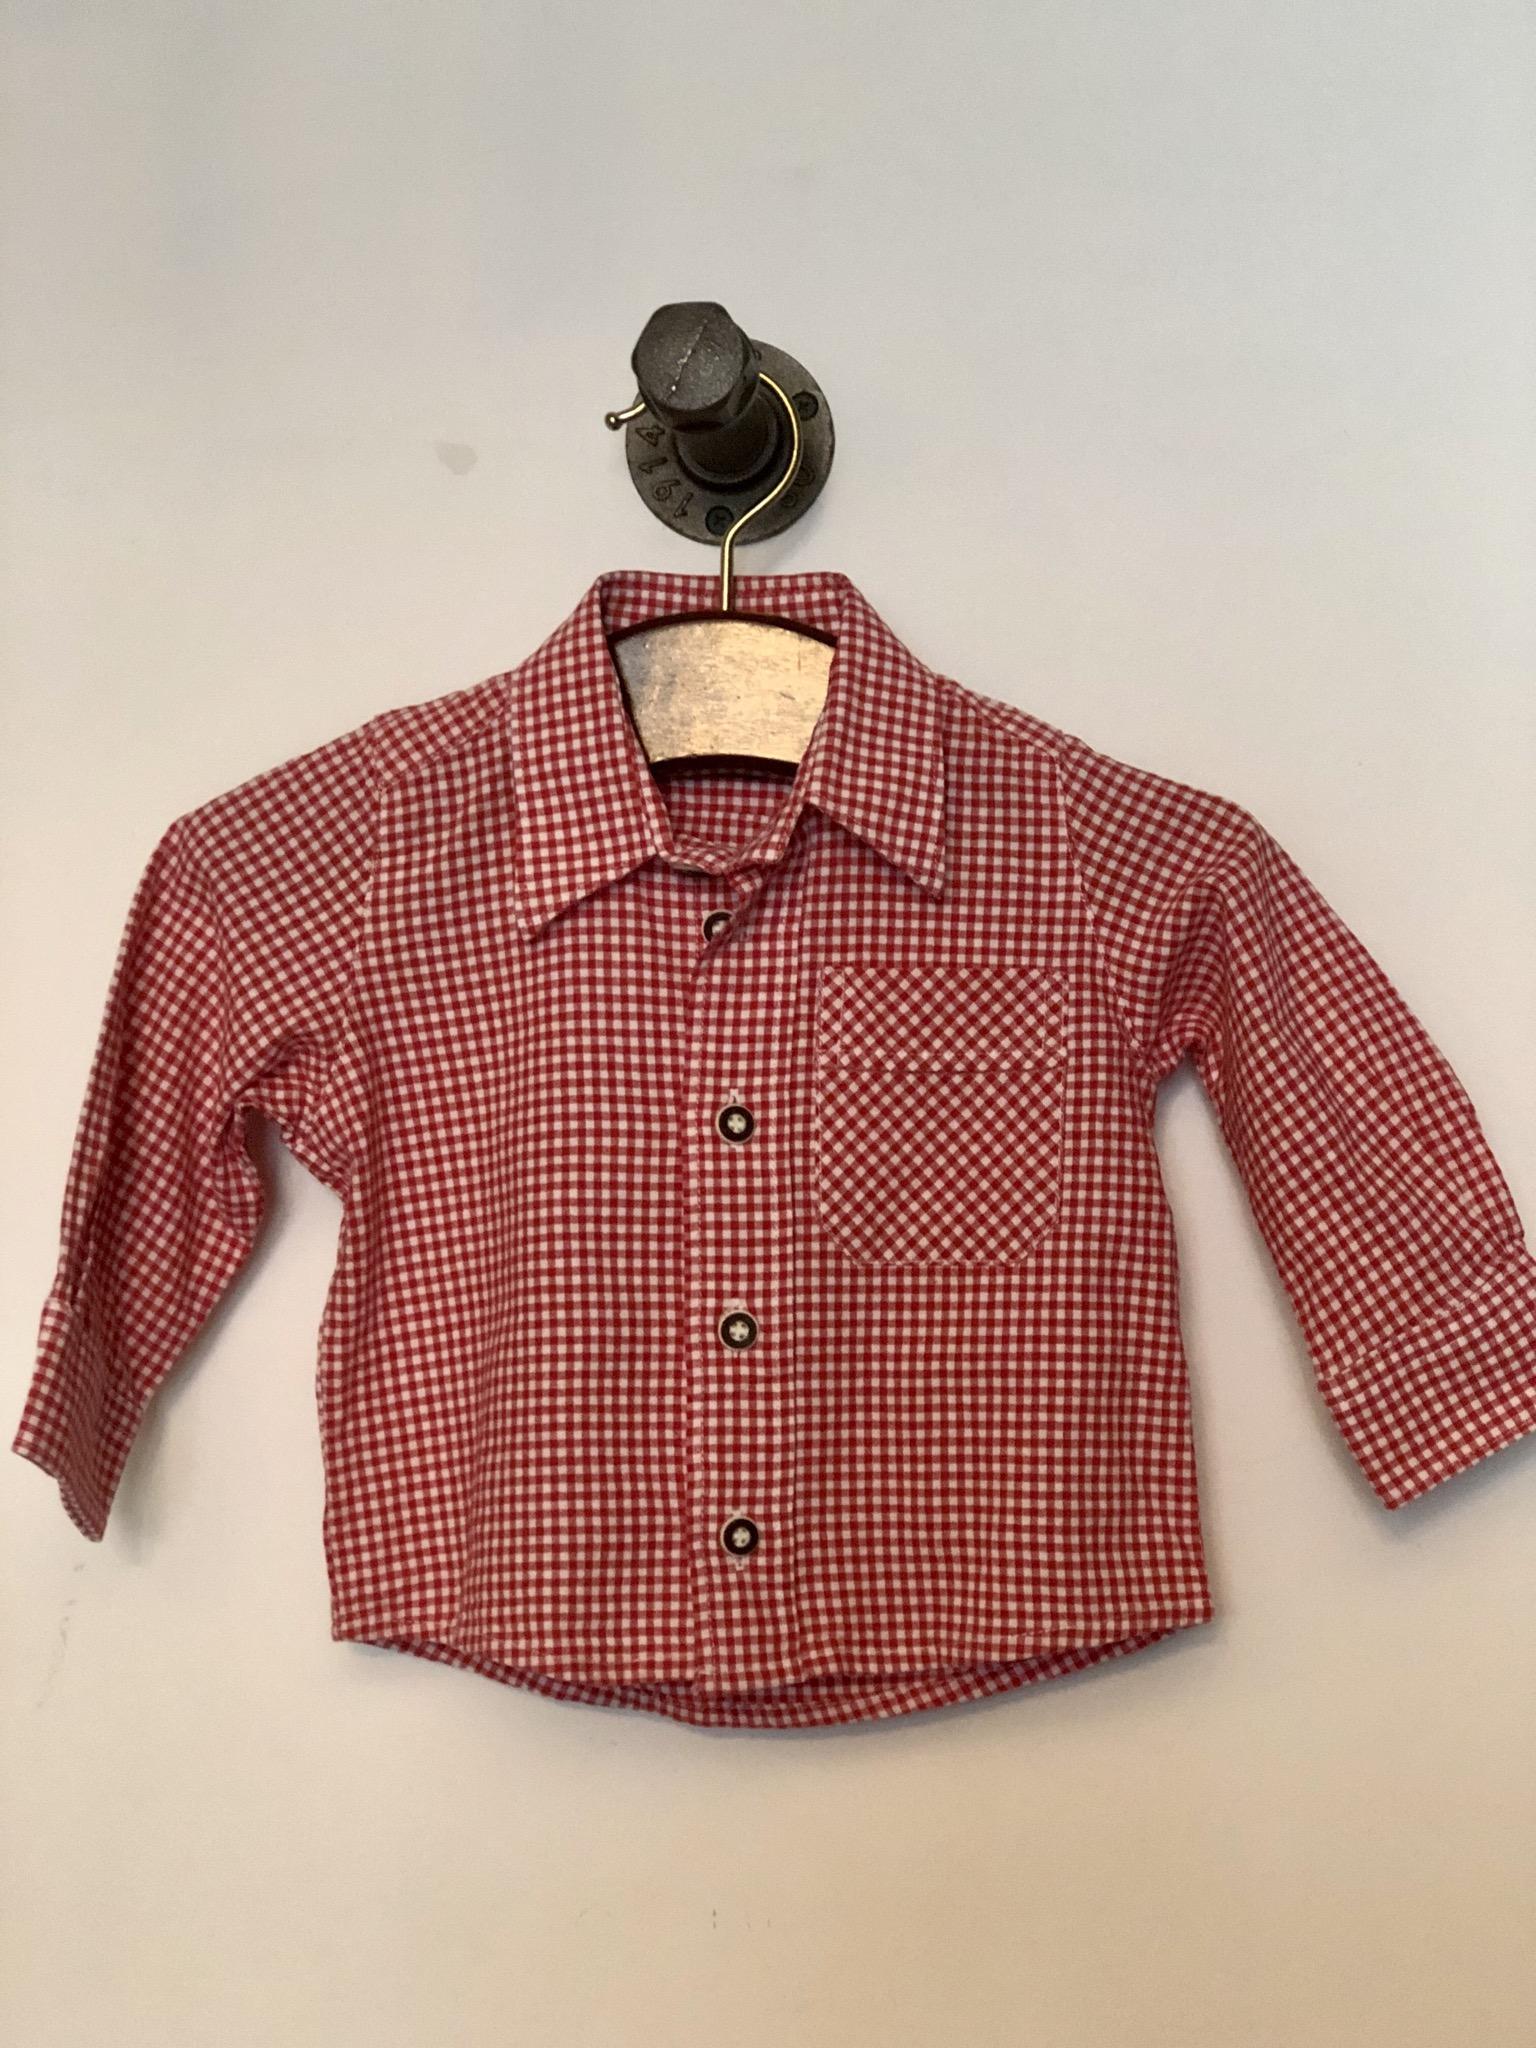 Gr. 74-80 Isar Trachten Trachtenhemd